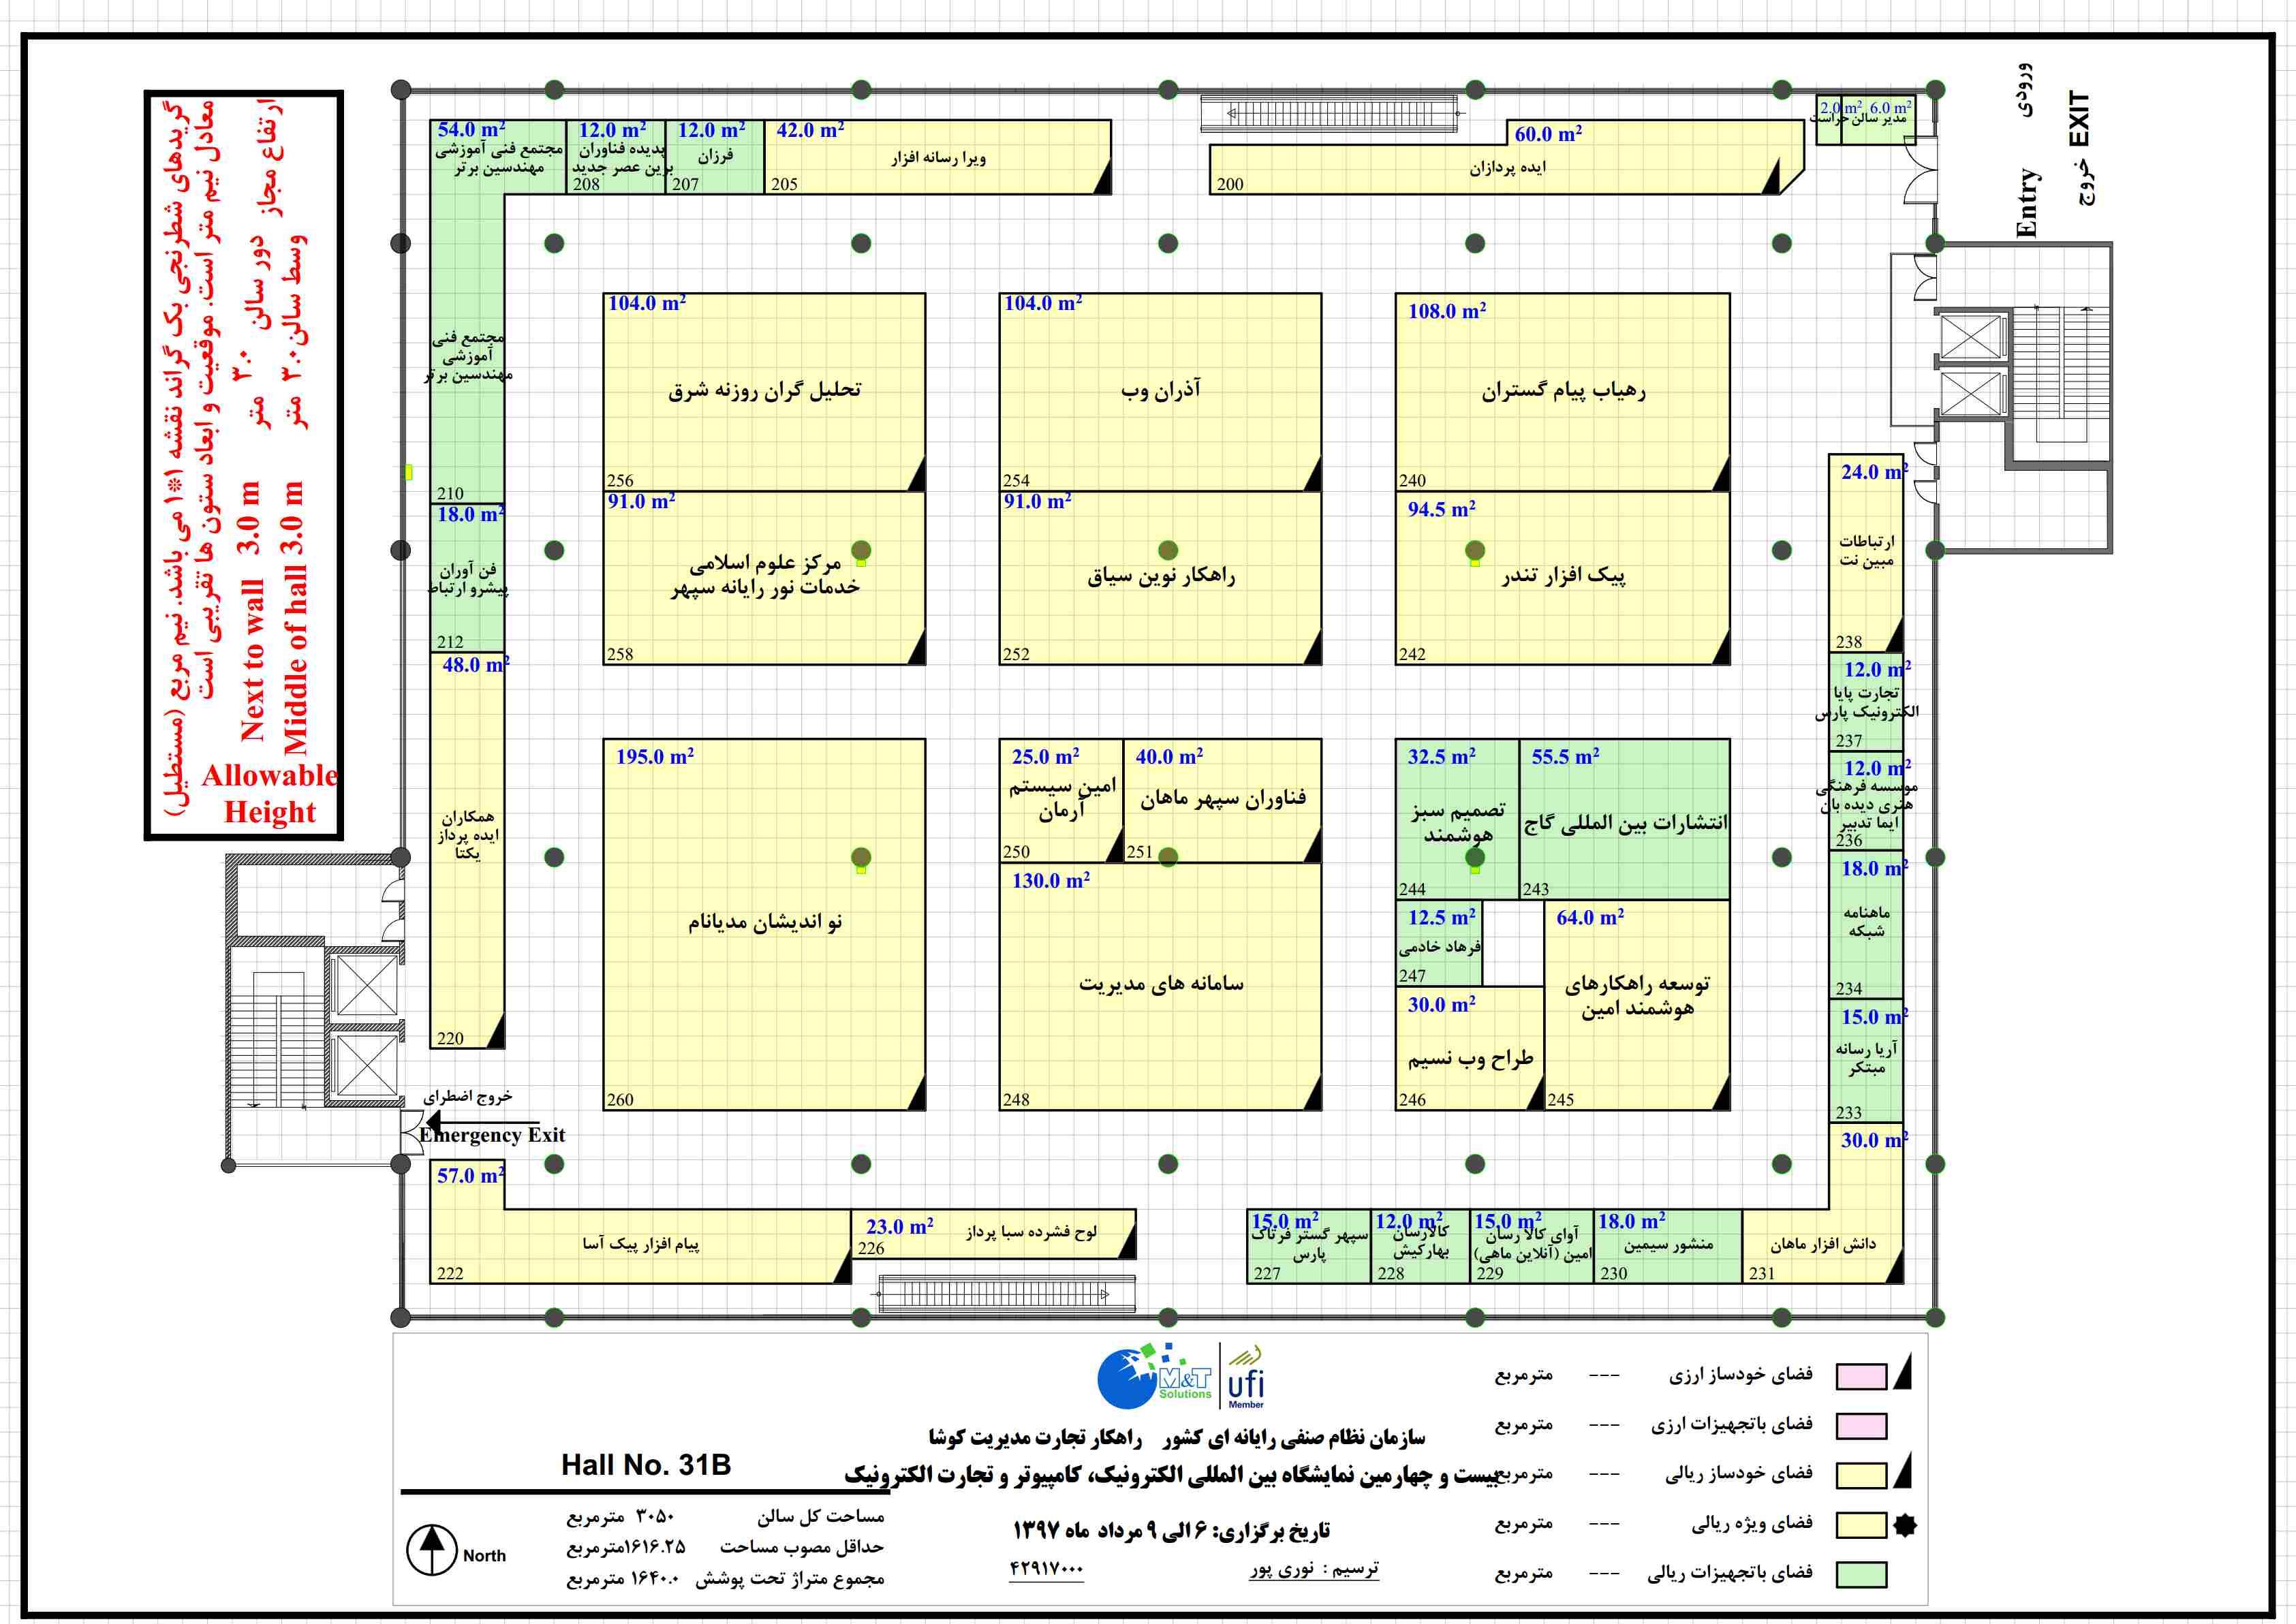 نقشه راهنمای نمایشگاه الکامپ تهران سالن 31B